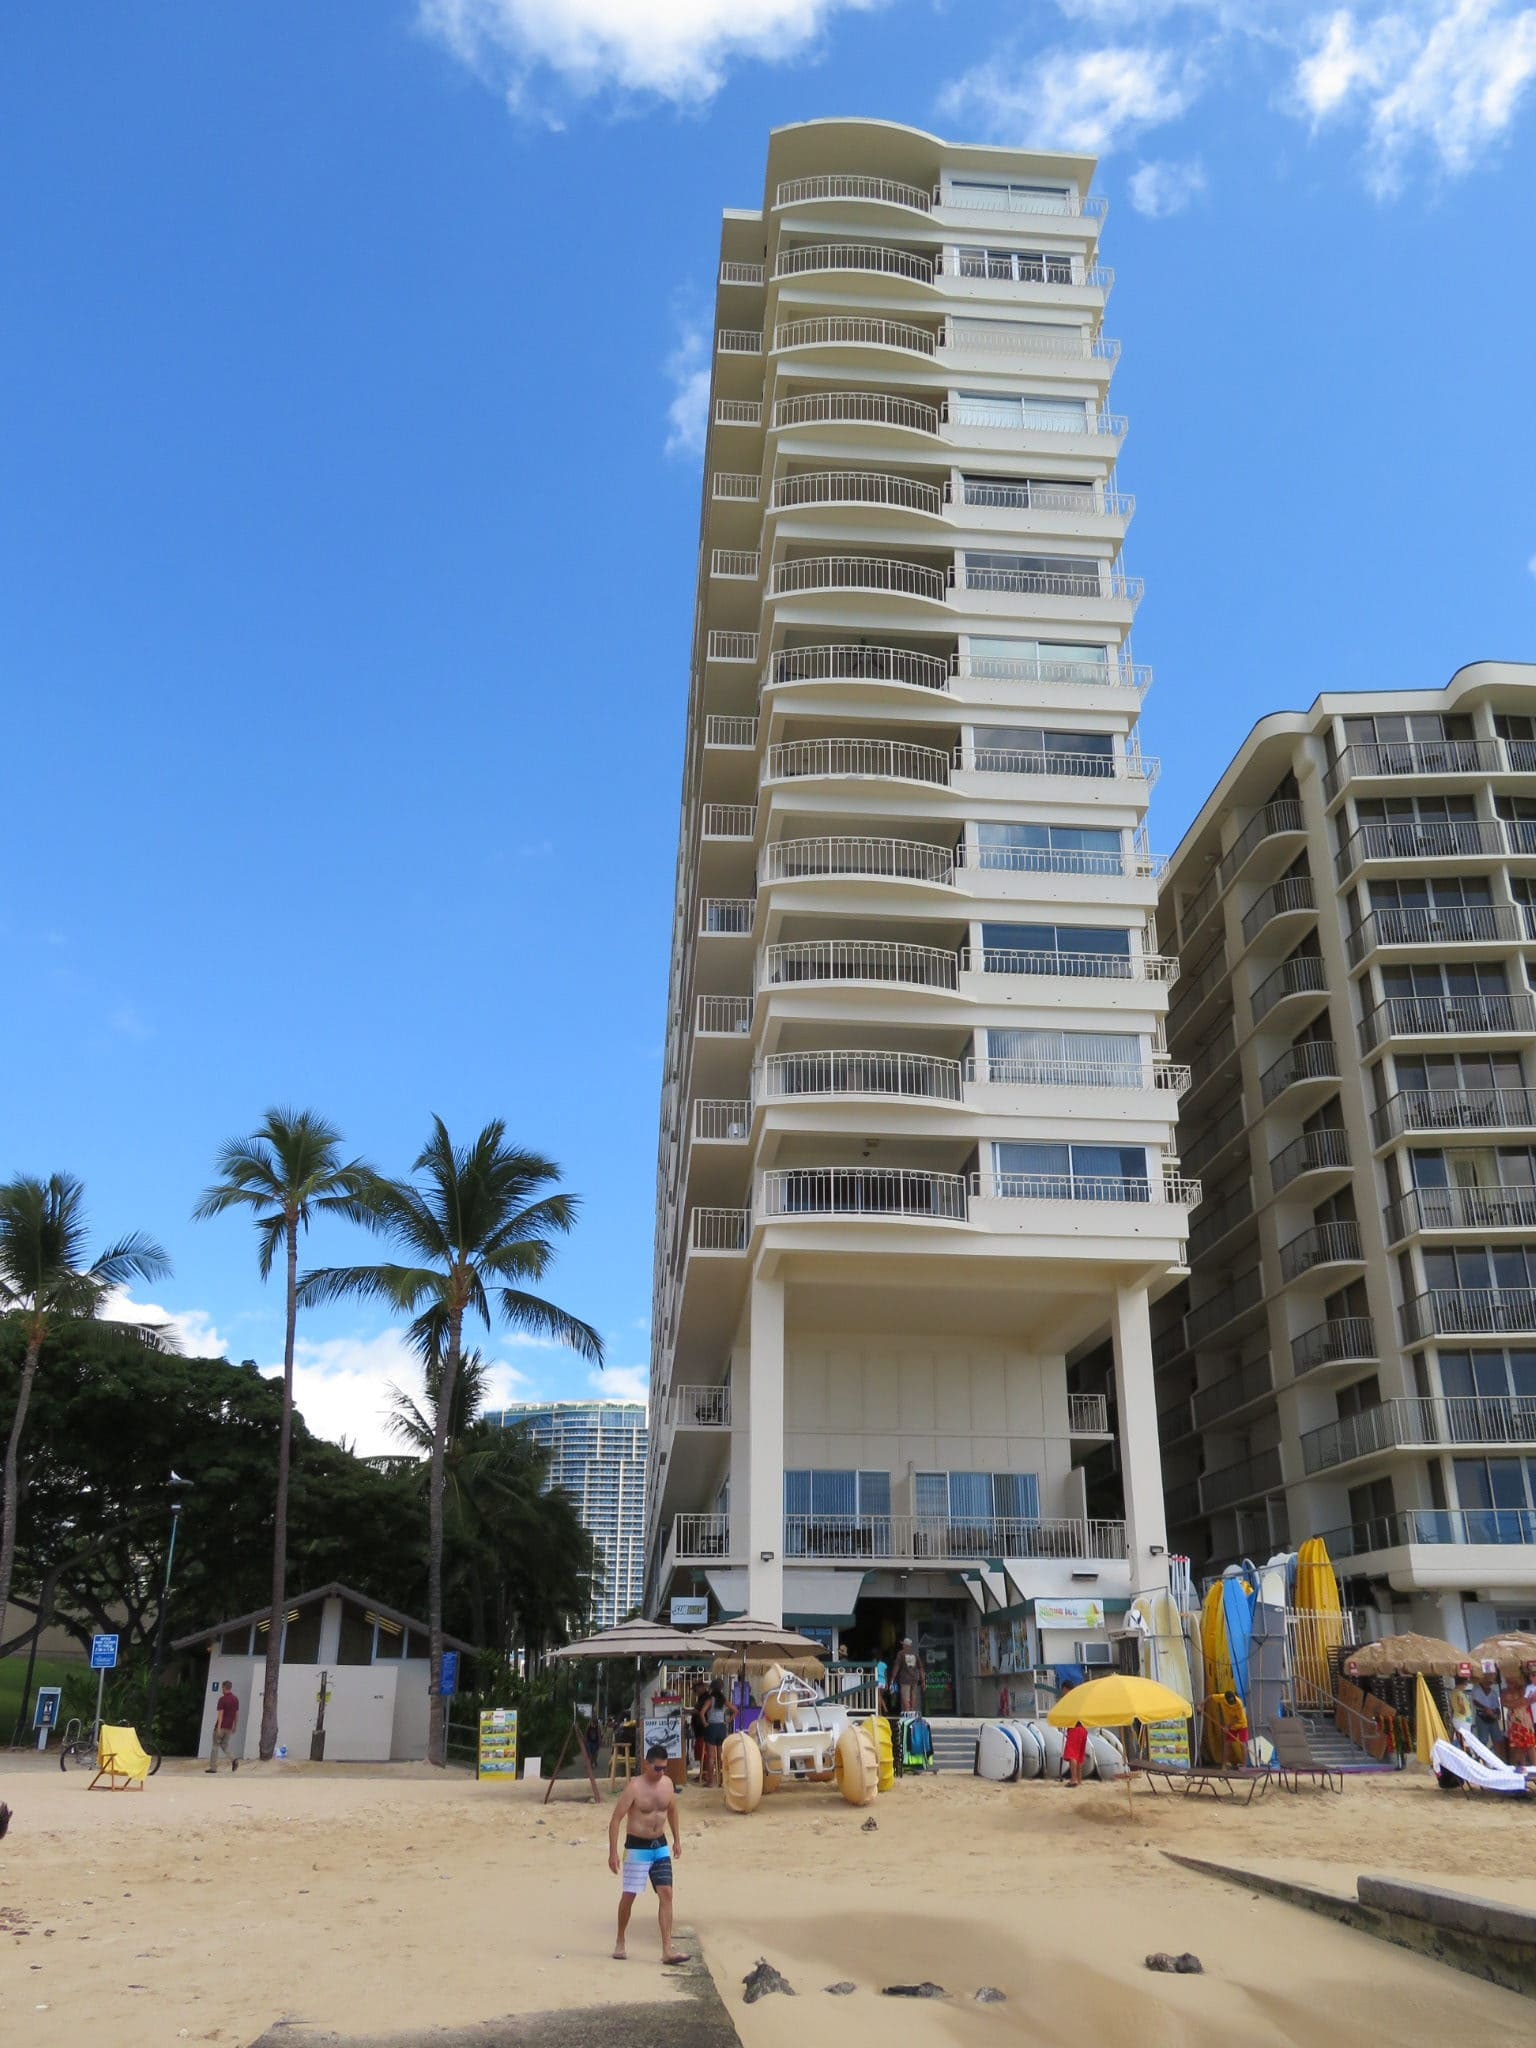 ワイキキ・ショア / Waikiki Shore